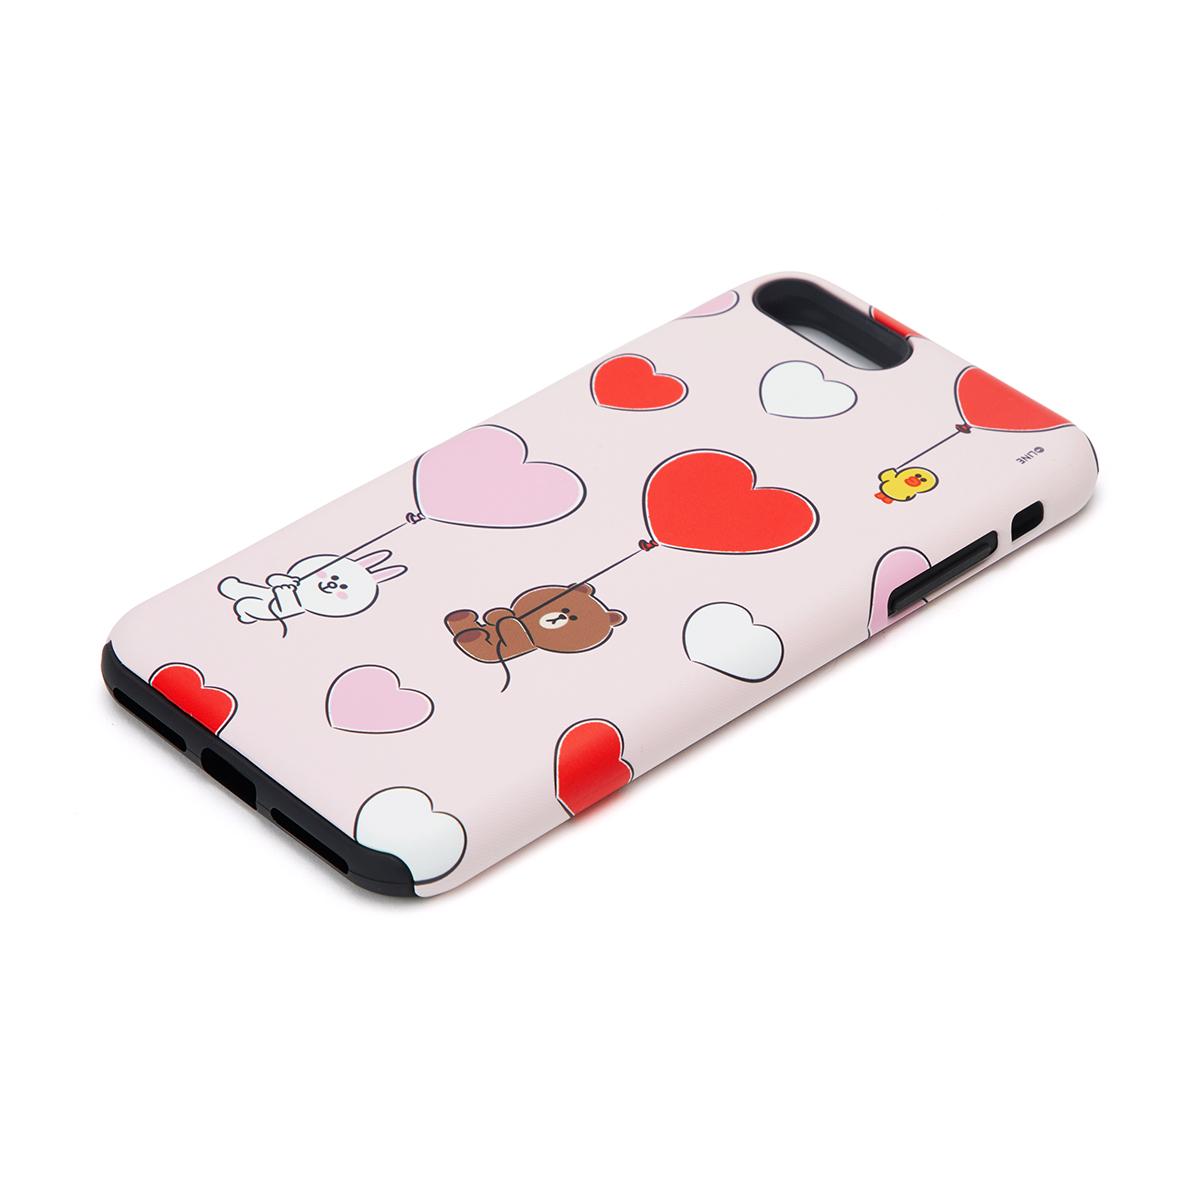 [아이폰 8 Plus] 핑크 브라운&프렌즈 하트 풍선 이중 범퍼 케이스